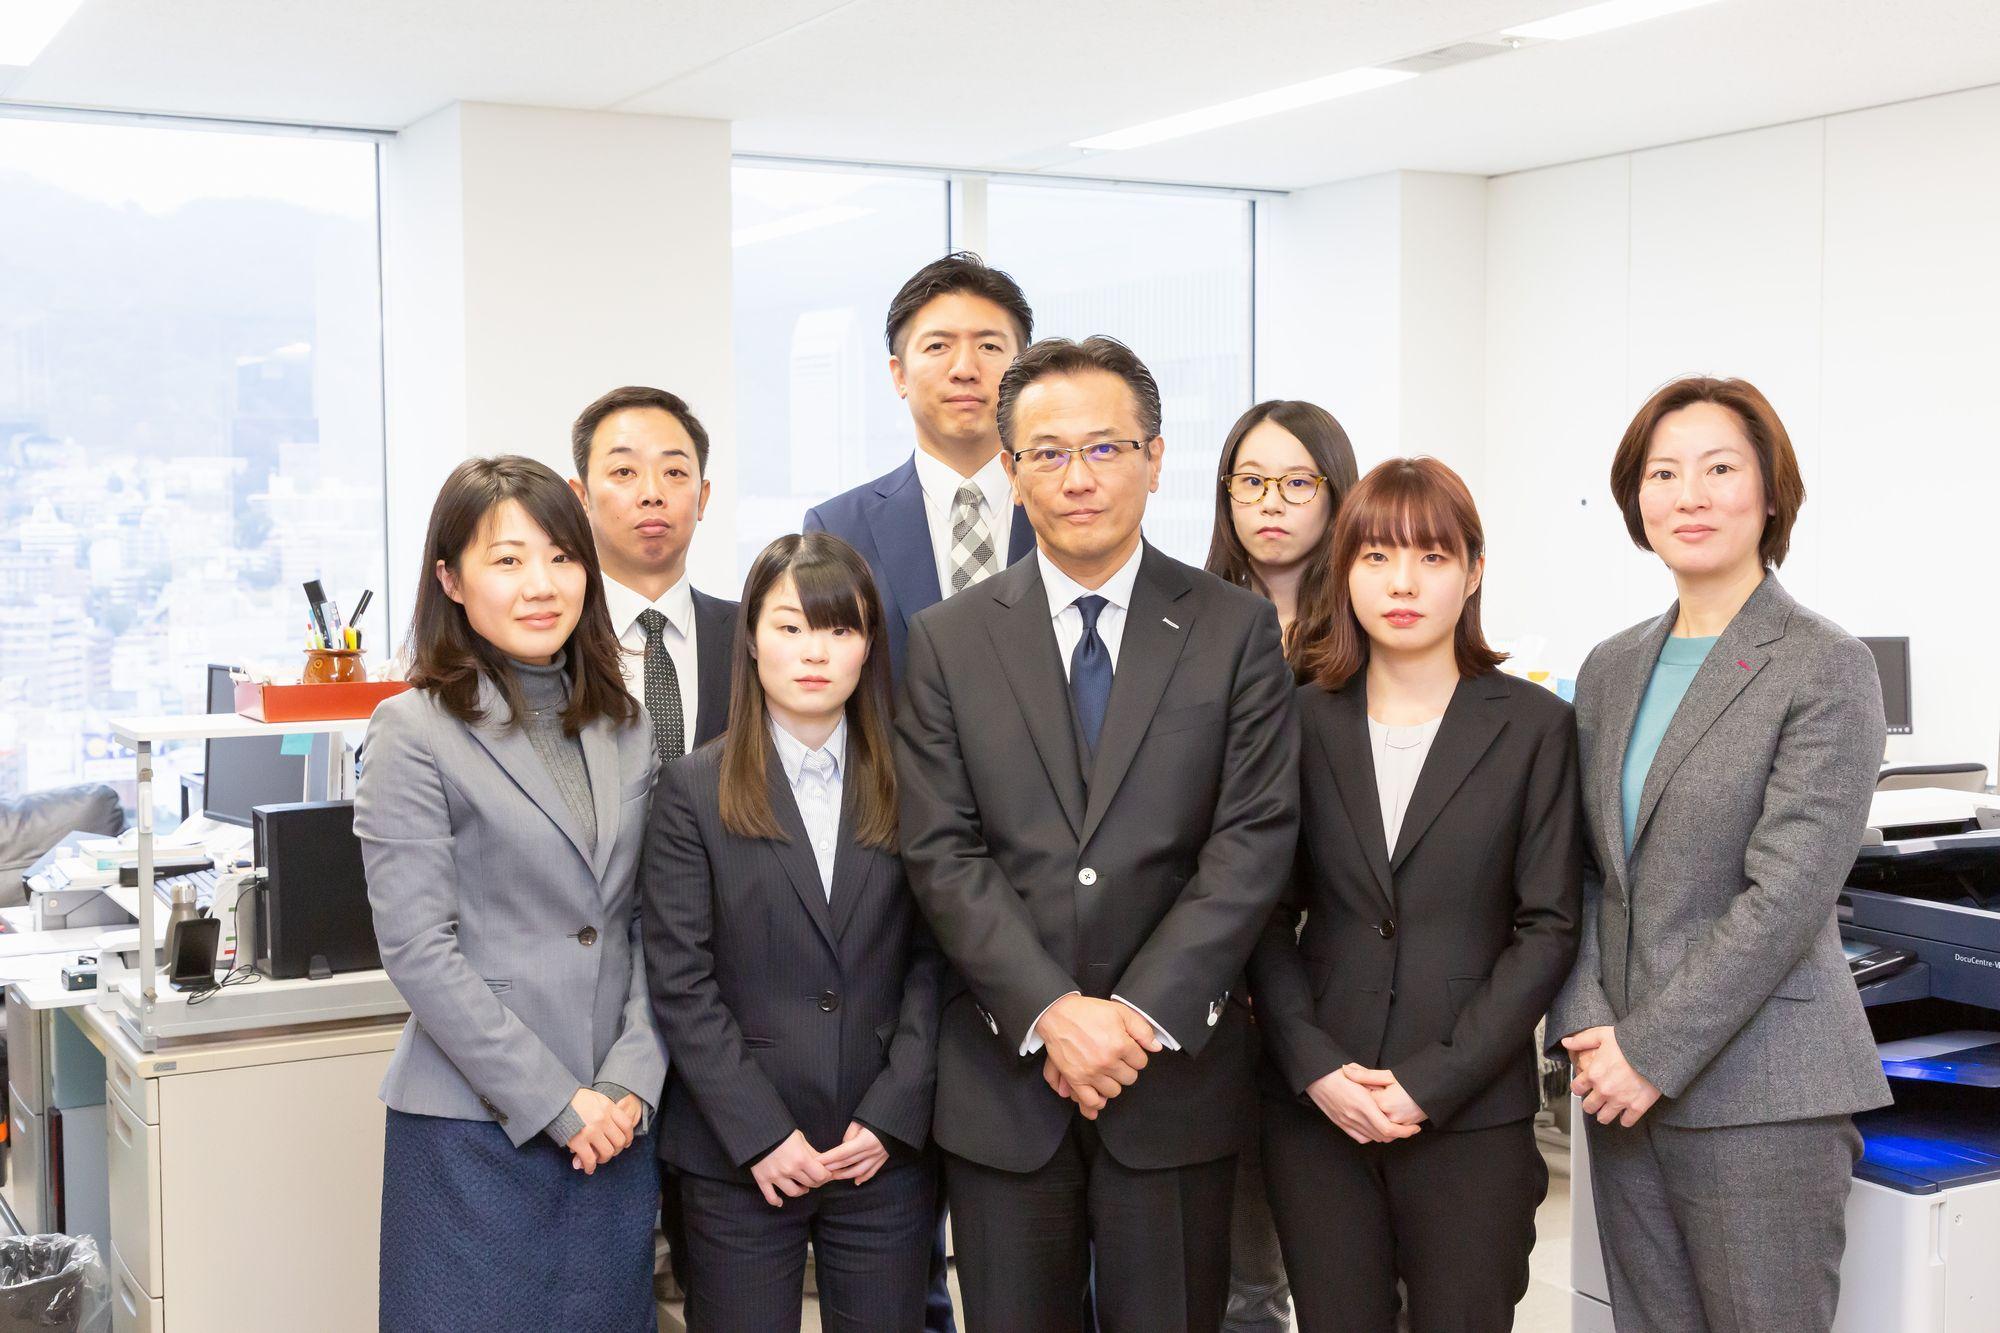 freee導入実績3位の近江清秀公認会計士税理士事務所のメンバー